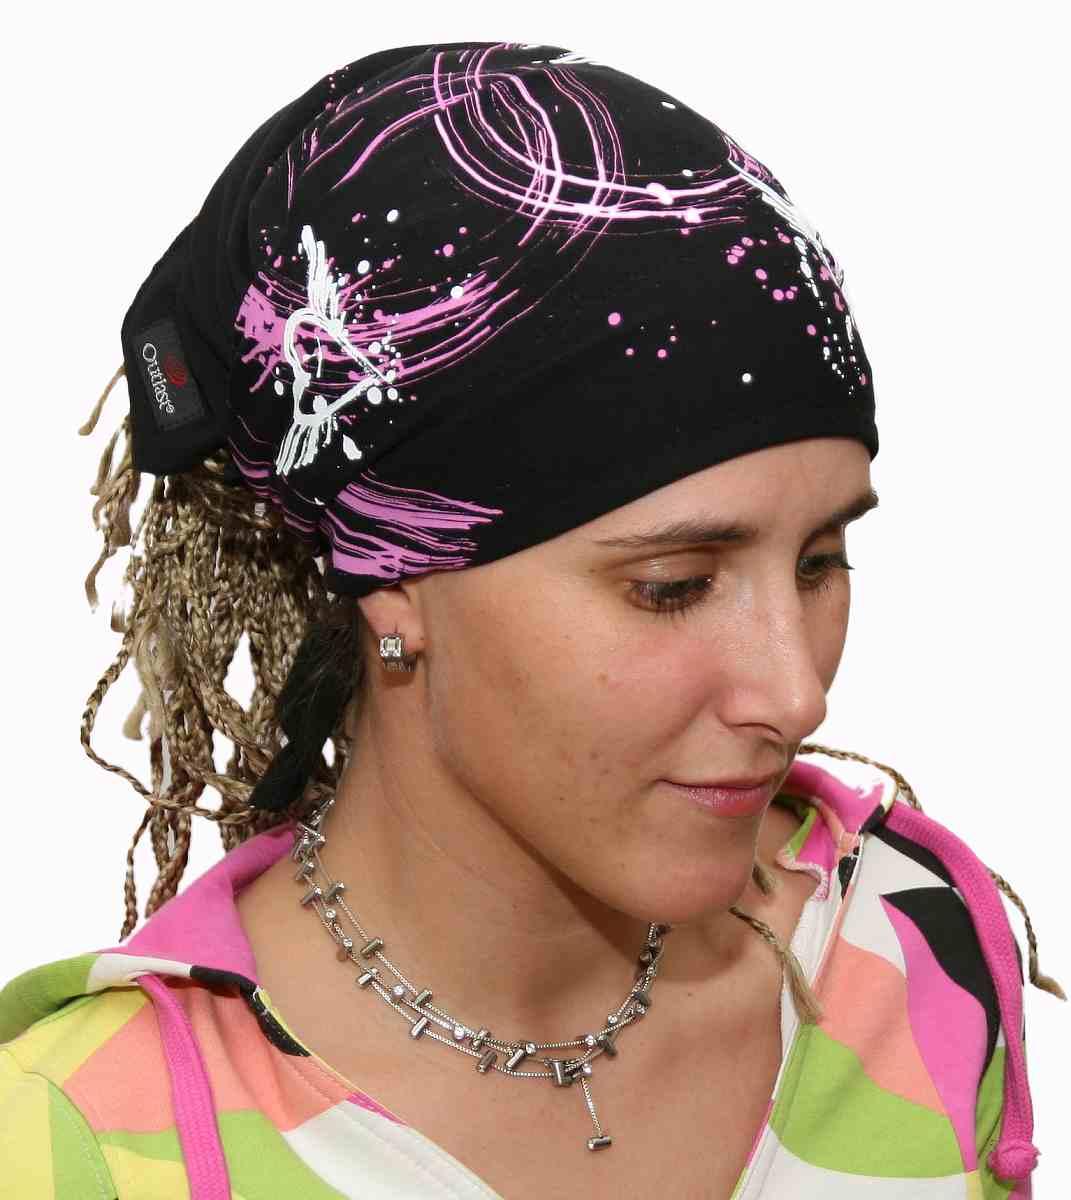 Sportovní vázací šátek trojúhelníkového tvaru na hlavu nebo na krk dea116091a